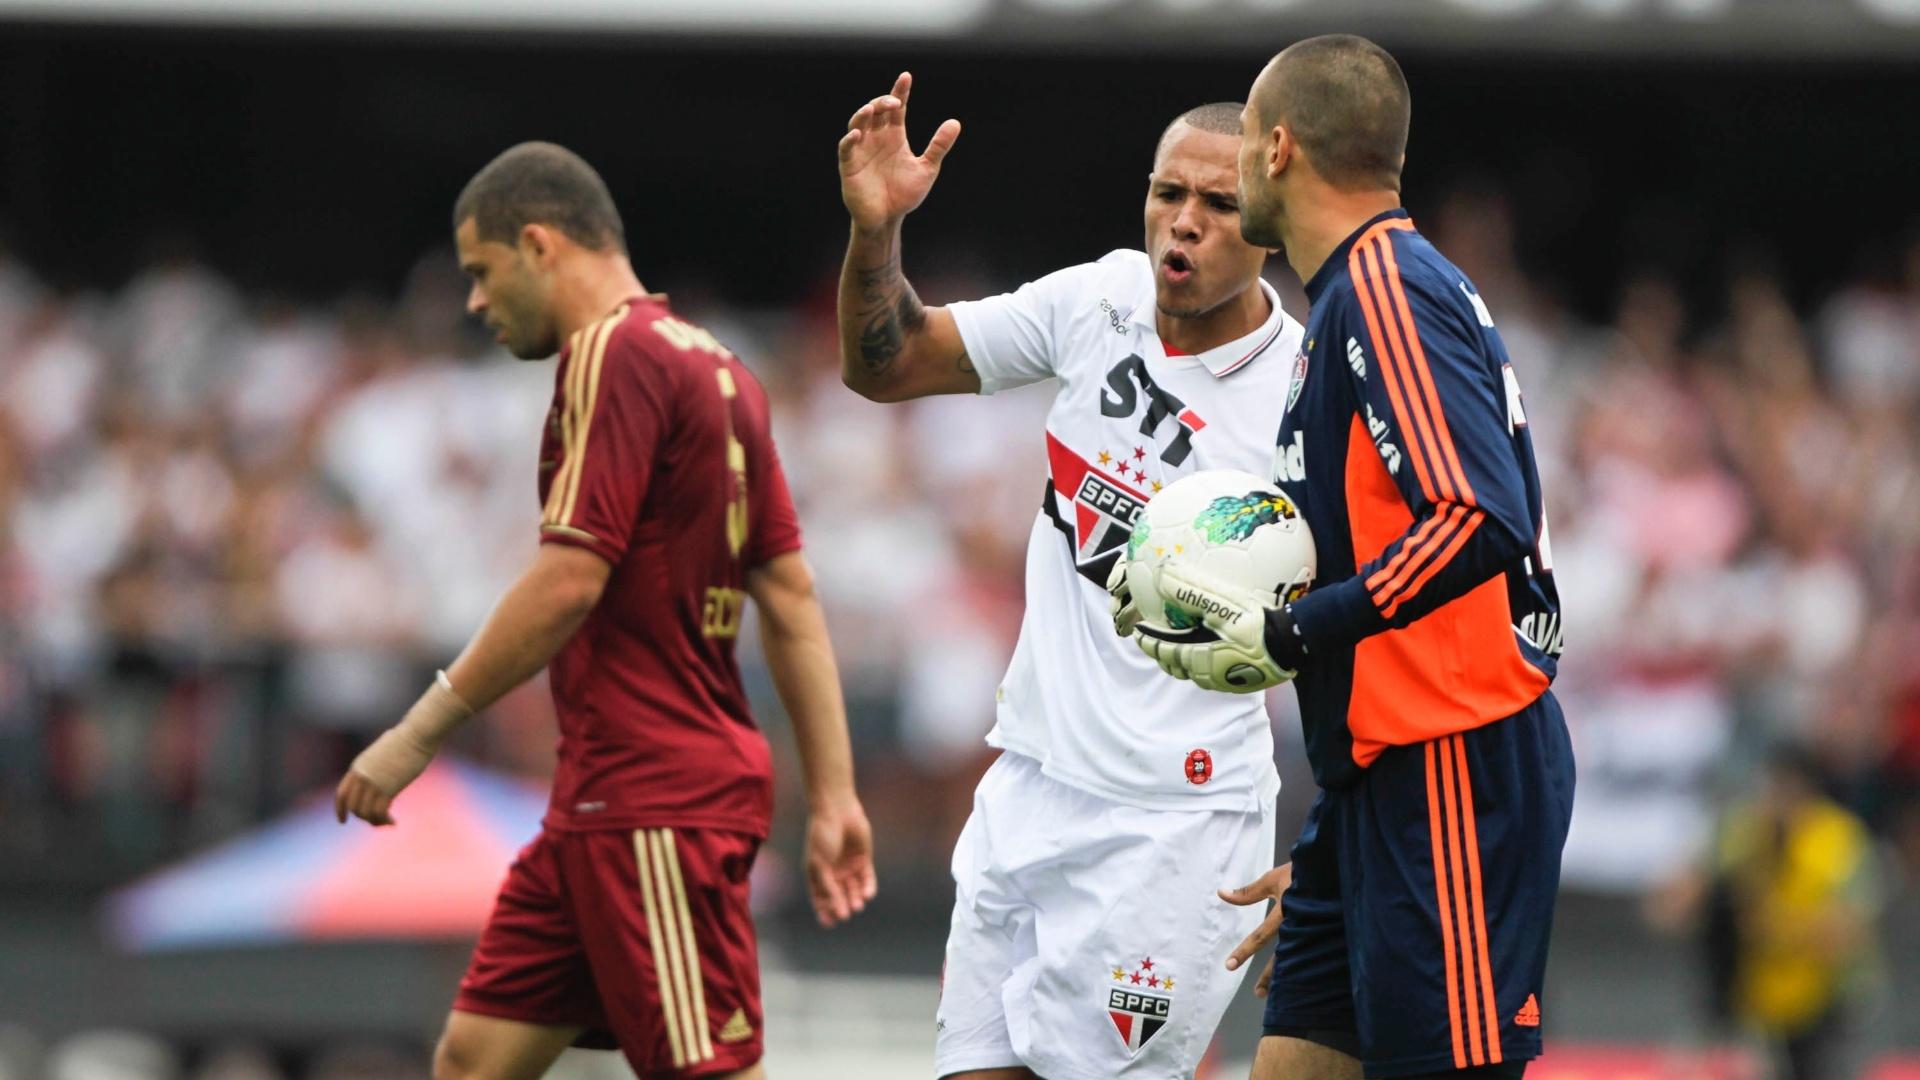 Luis Fabiano discute com goleiro Diego Cavalieri na partida entre São Paulo e Fluminense no Morumbi